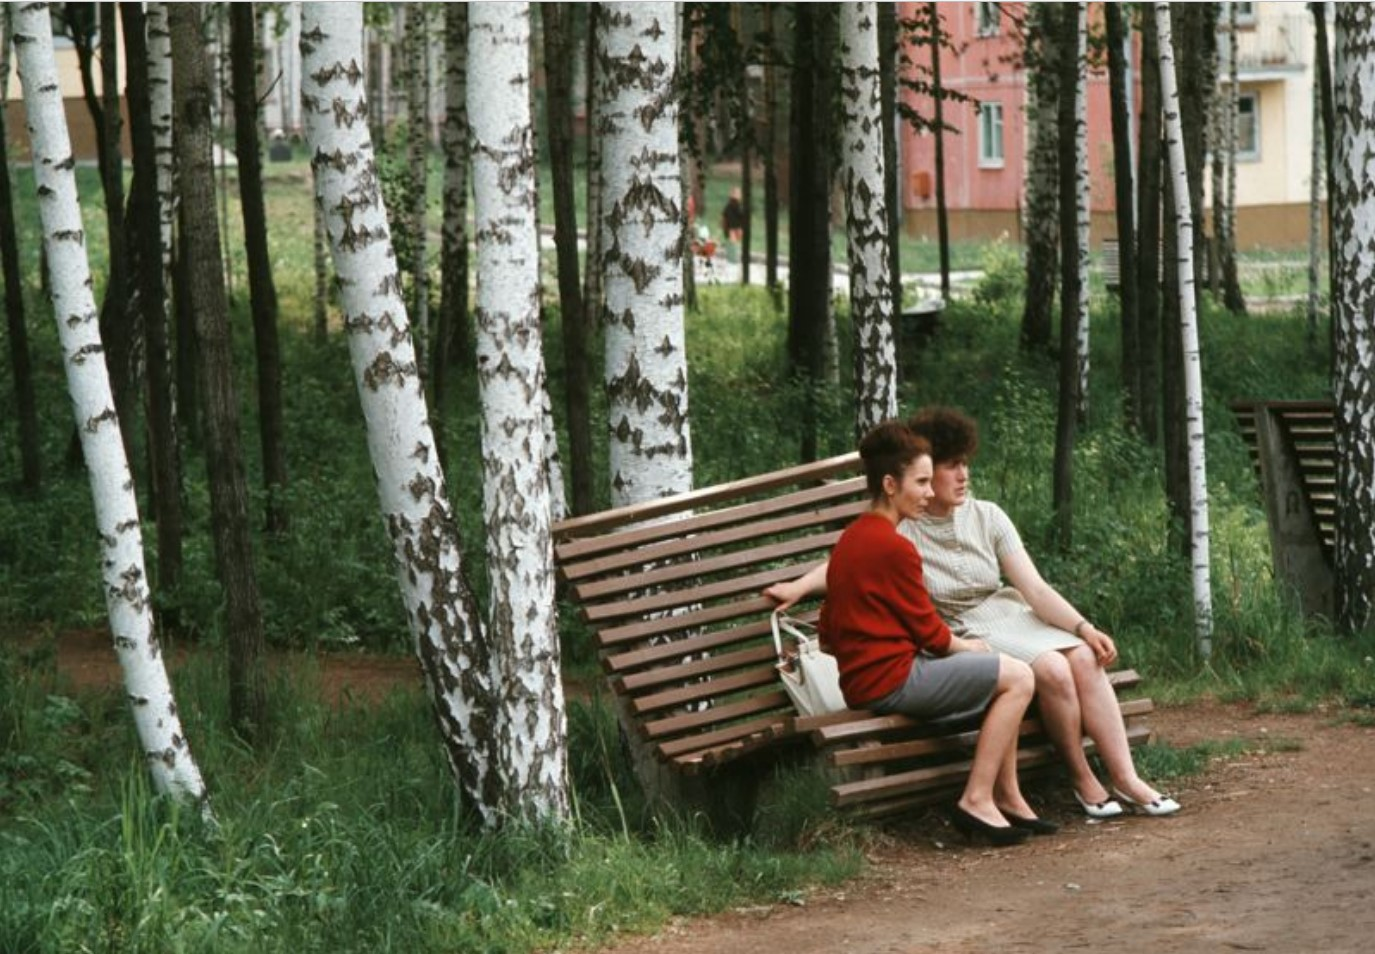 Две женщины сидят на скамейке в березовой роще